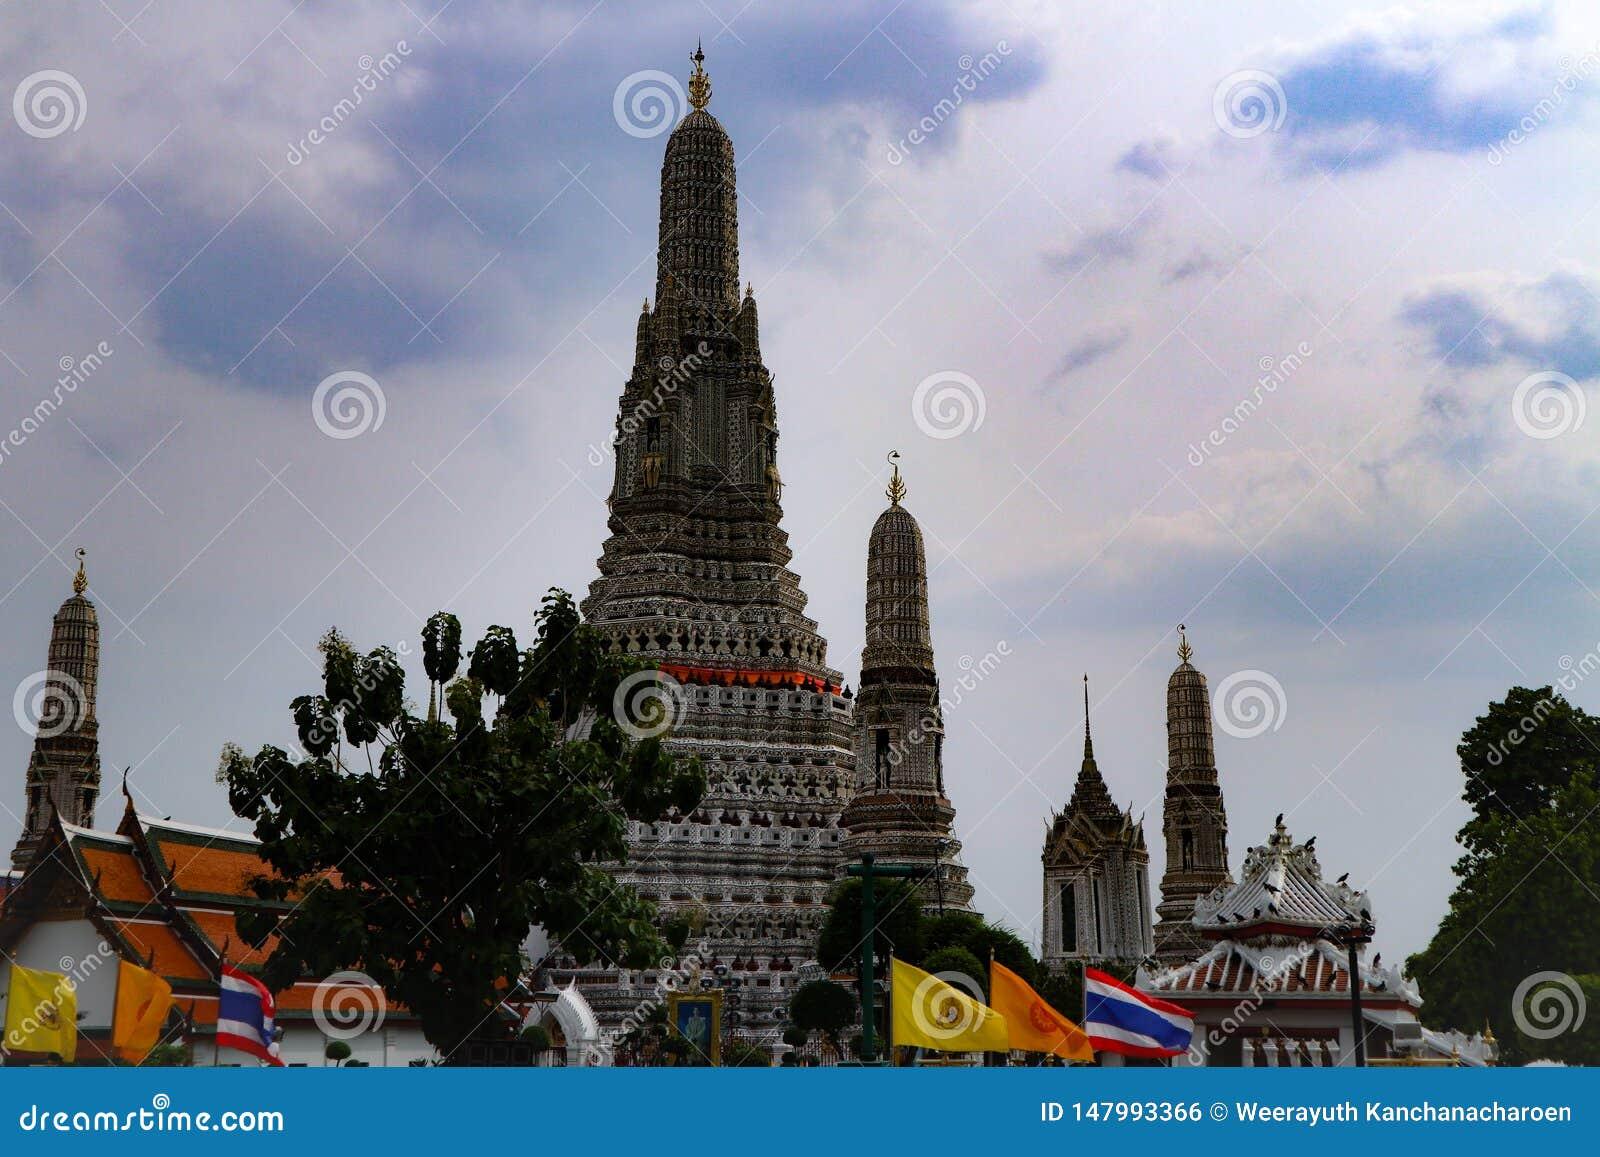 Bangkok, Tailandia - 18 maggio 2019: Wat Arun, localmente conosciuto come Wat Chaeng, è situato sulla banca ad ovest di Thonburi